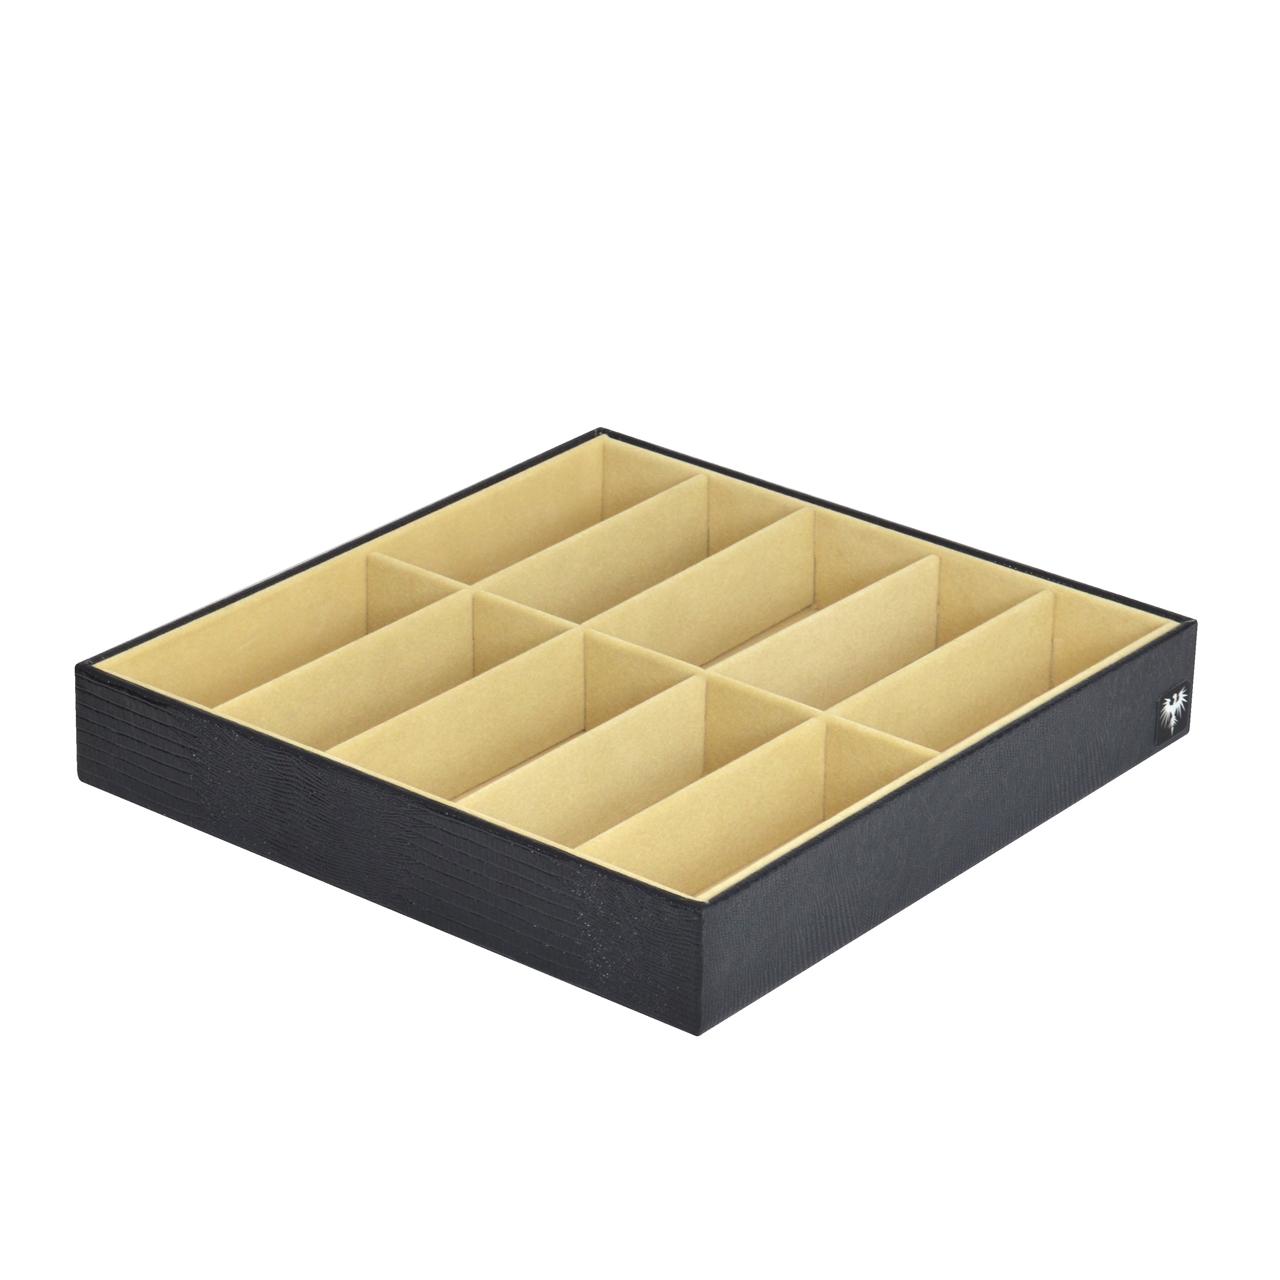 bandeja-couro-ecologico-10-oculos-preto-bege-grande-closet-imagem-3.jpg